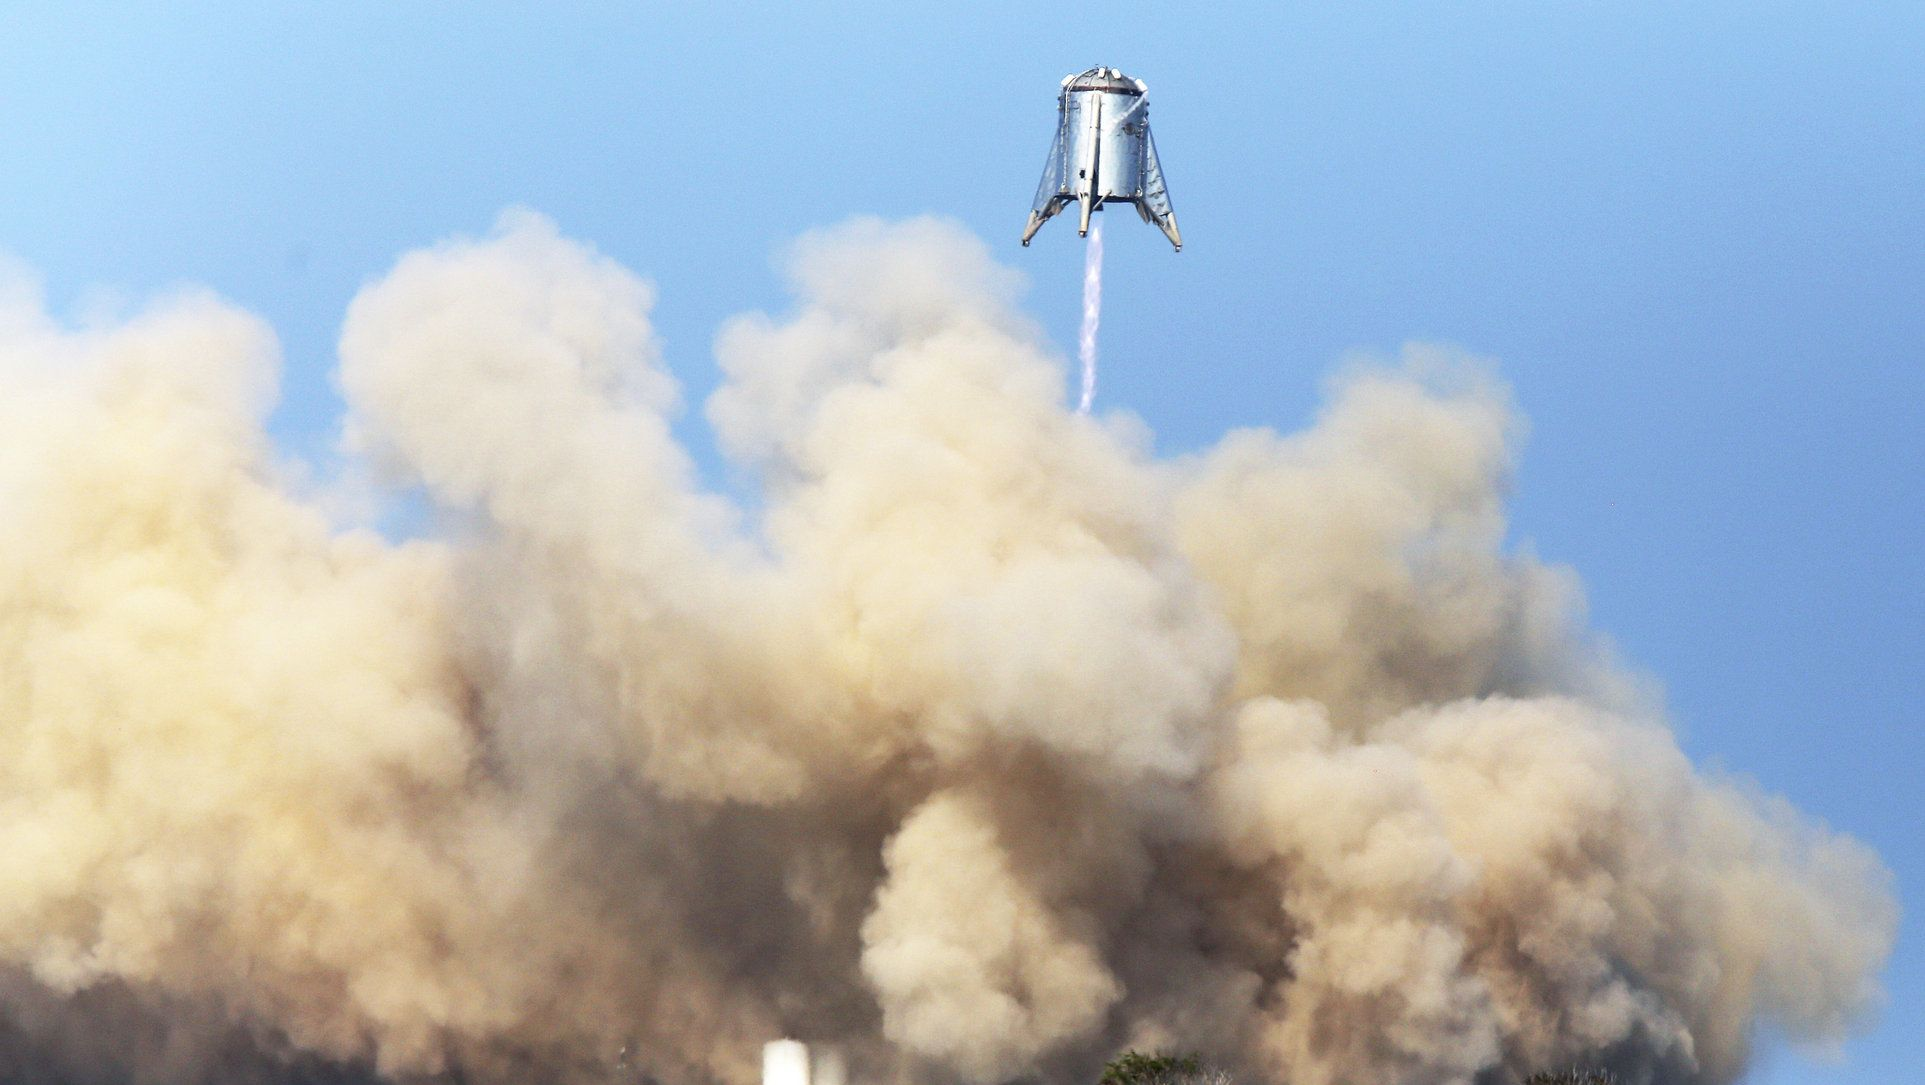 Das US-Raumfahrtunternehmen SpaceX von Tesla-Chef Musk hat erfolgreich einen Prototypen für seine Schwerlastrakete getestet.